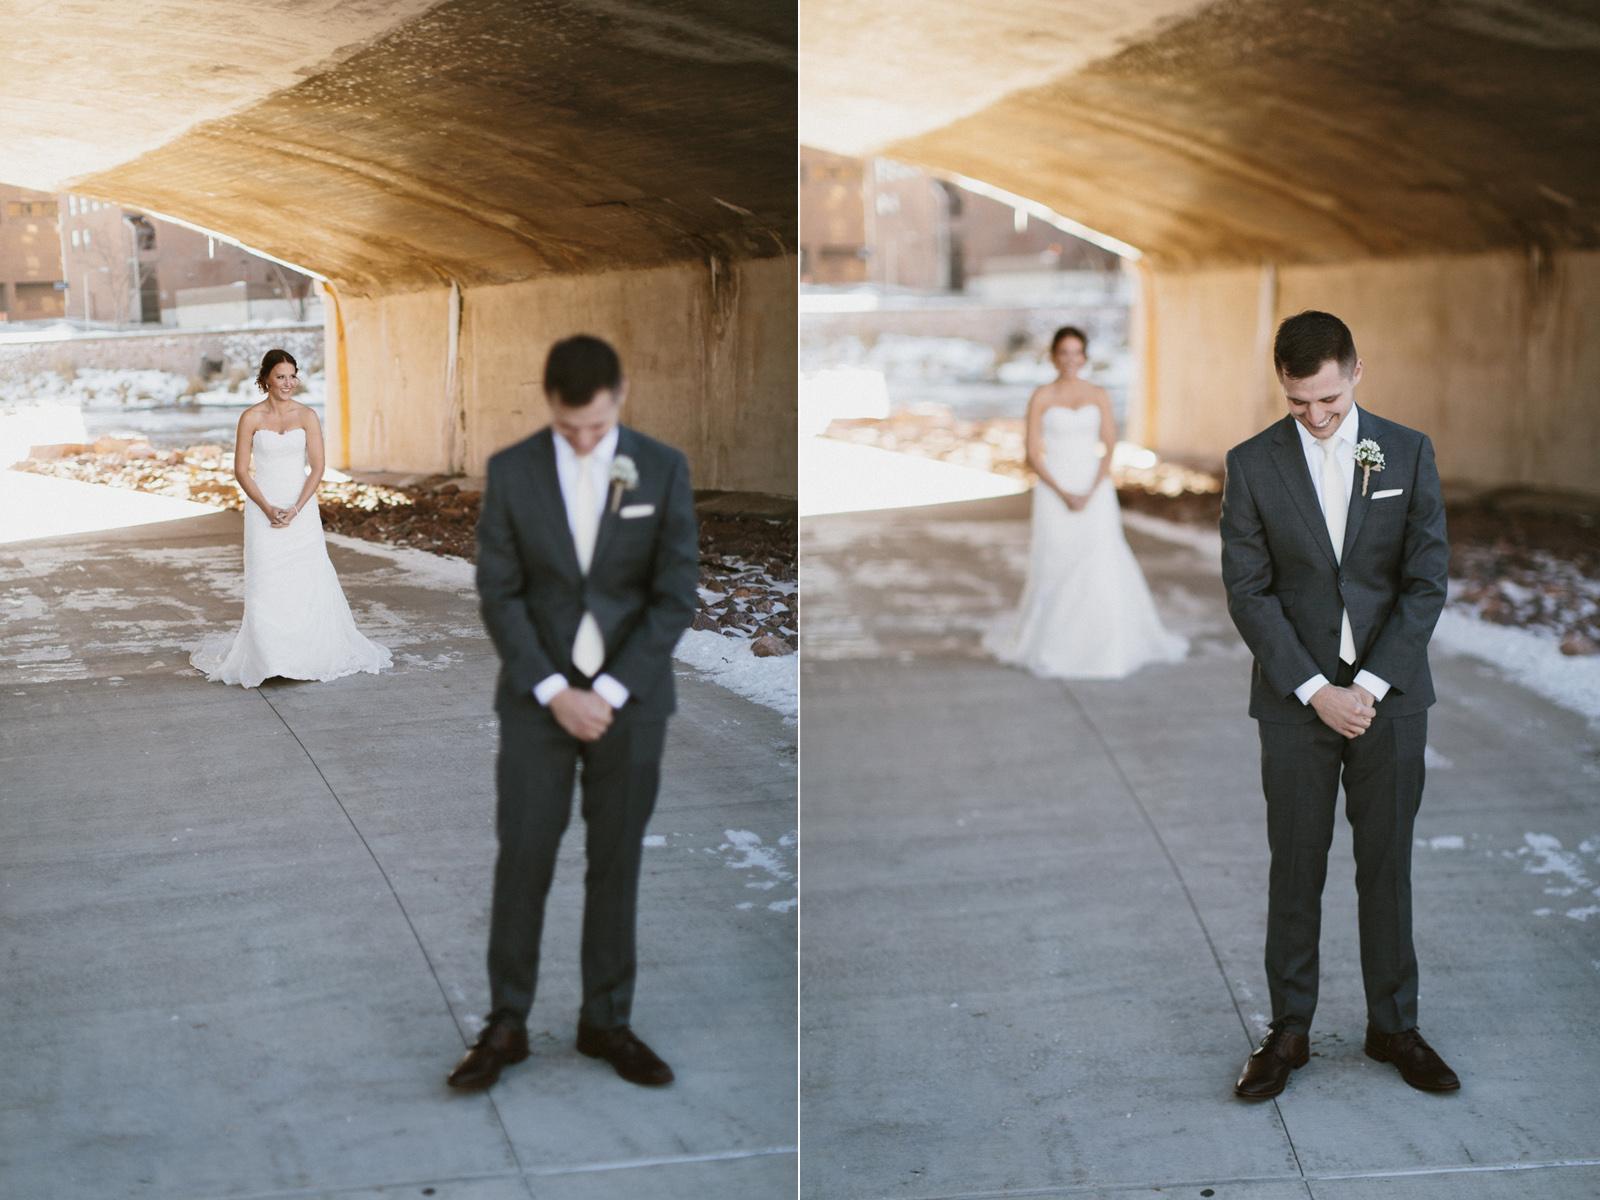 israel&aubrey_siouxfalls_wedding_photographer_33.jpg